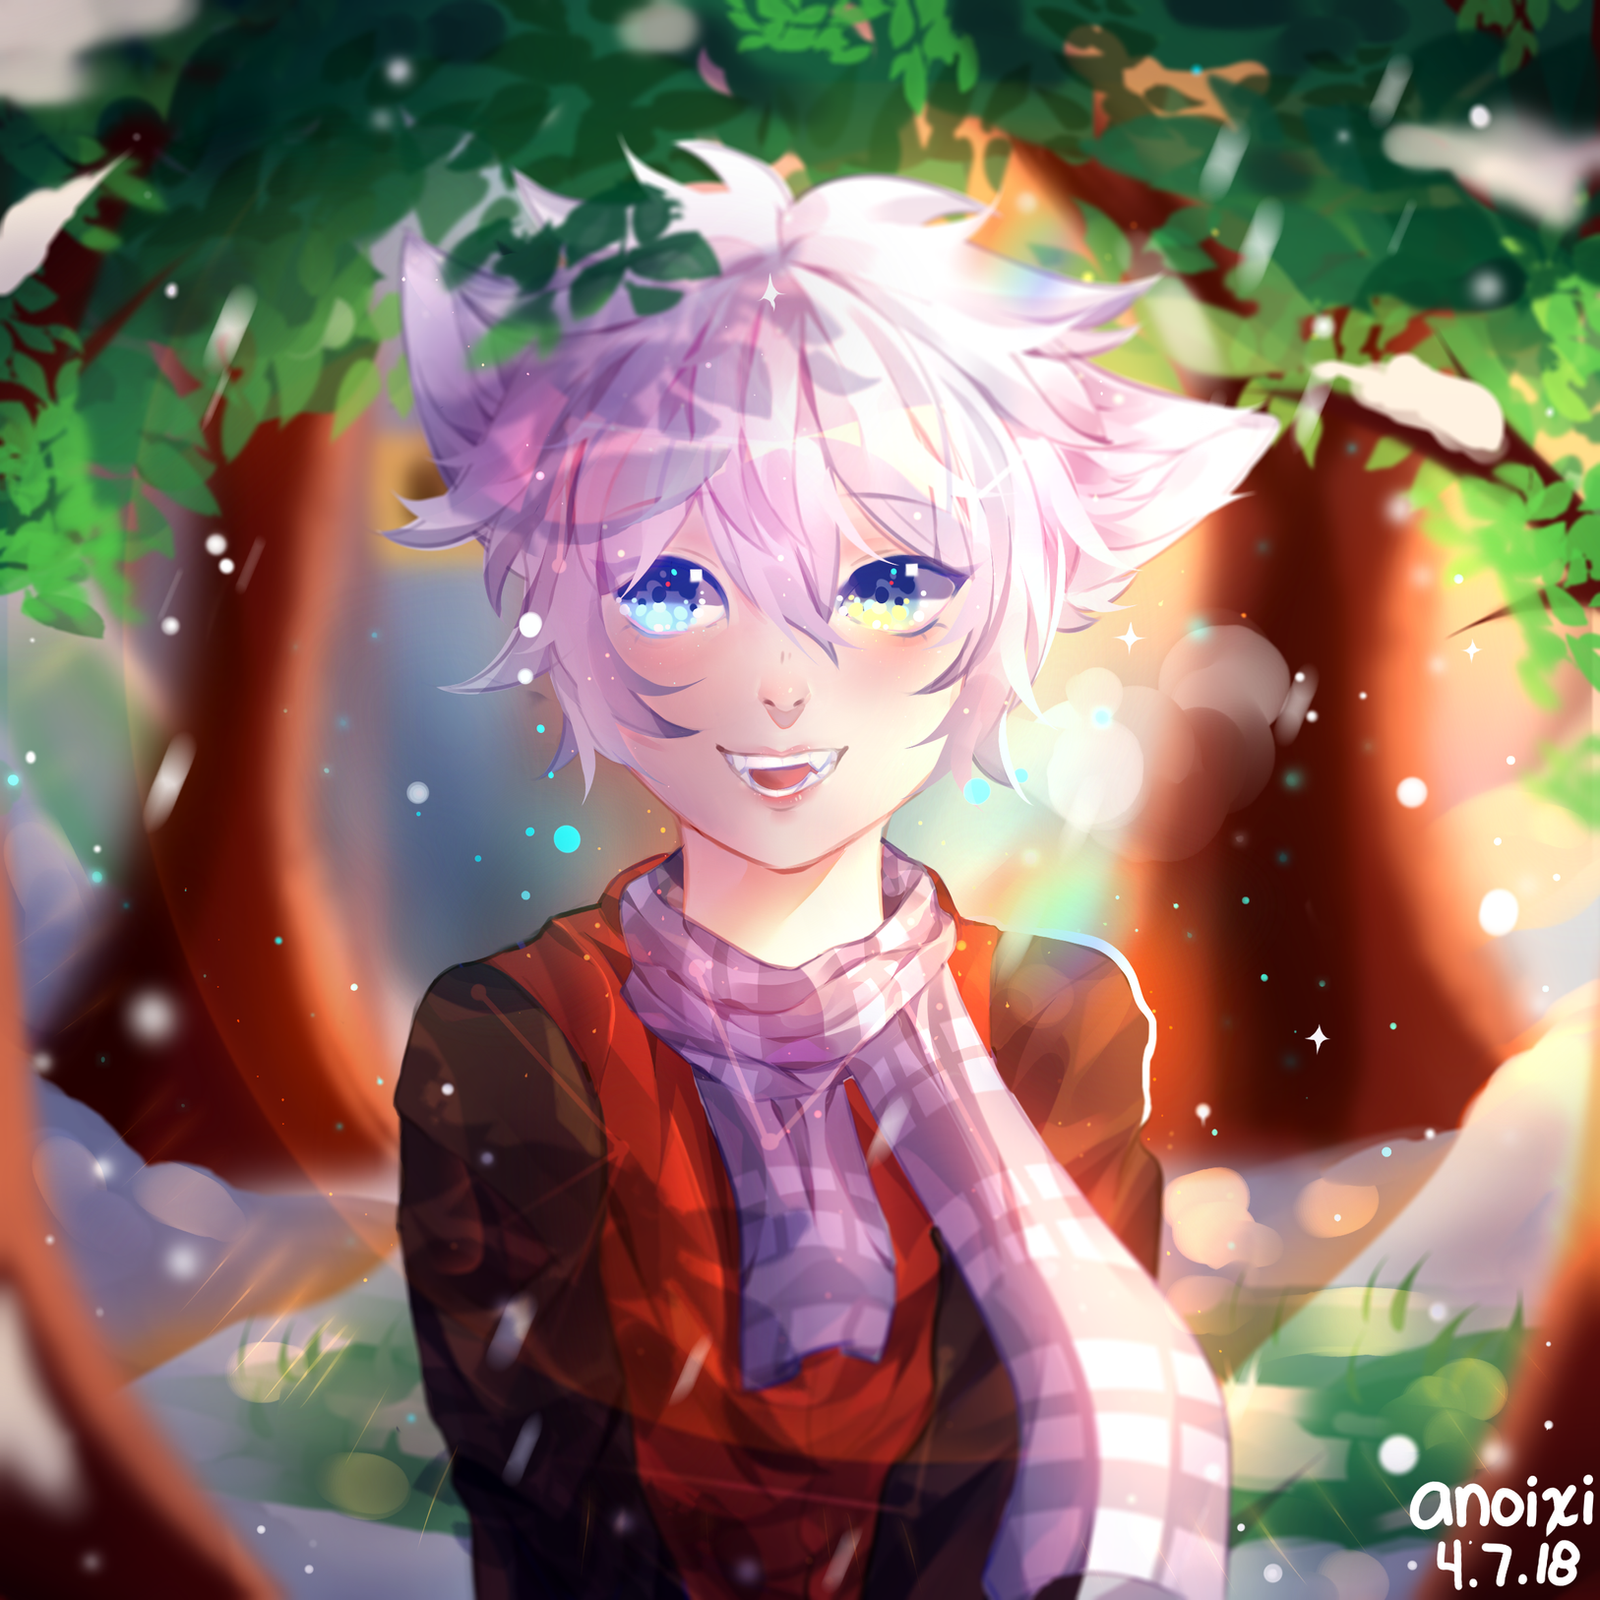 Lumine! by Anoixi